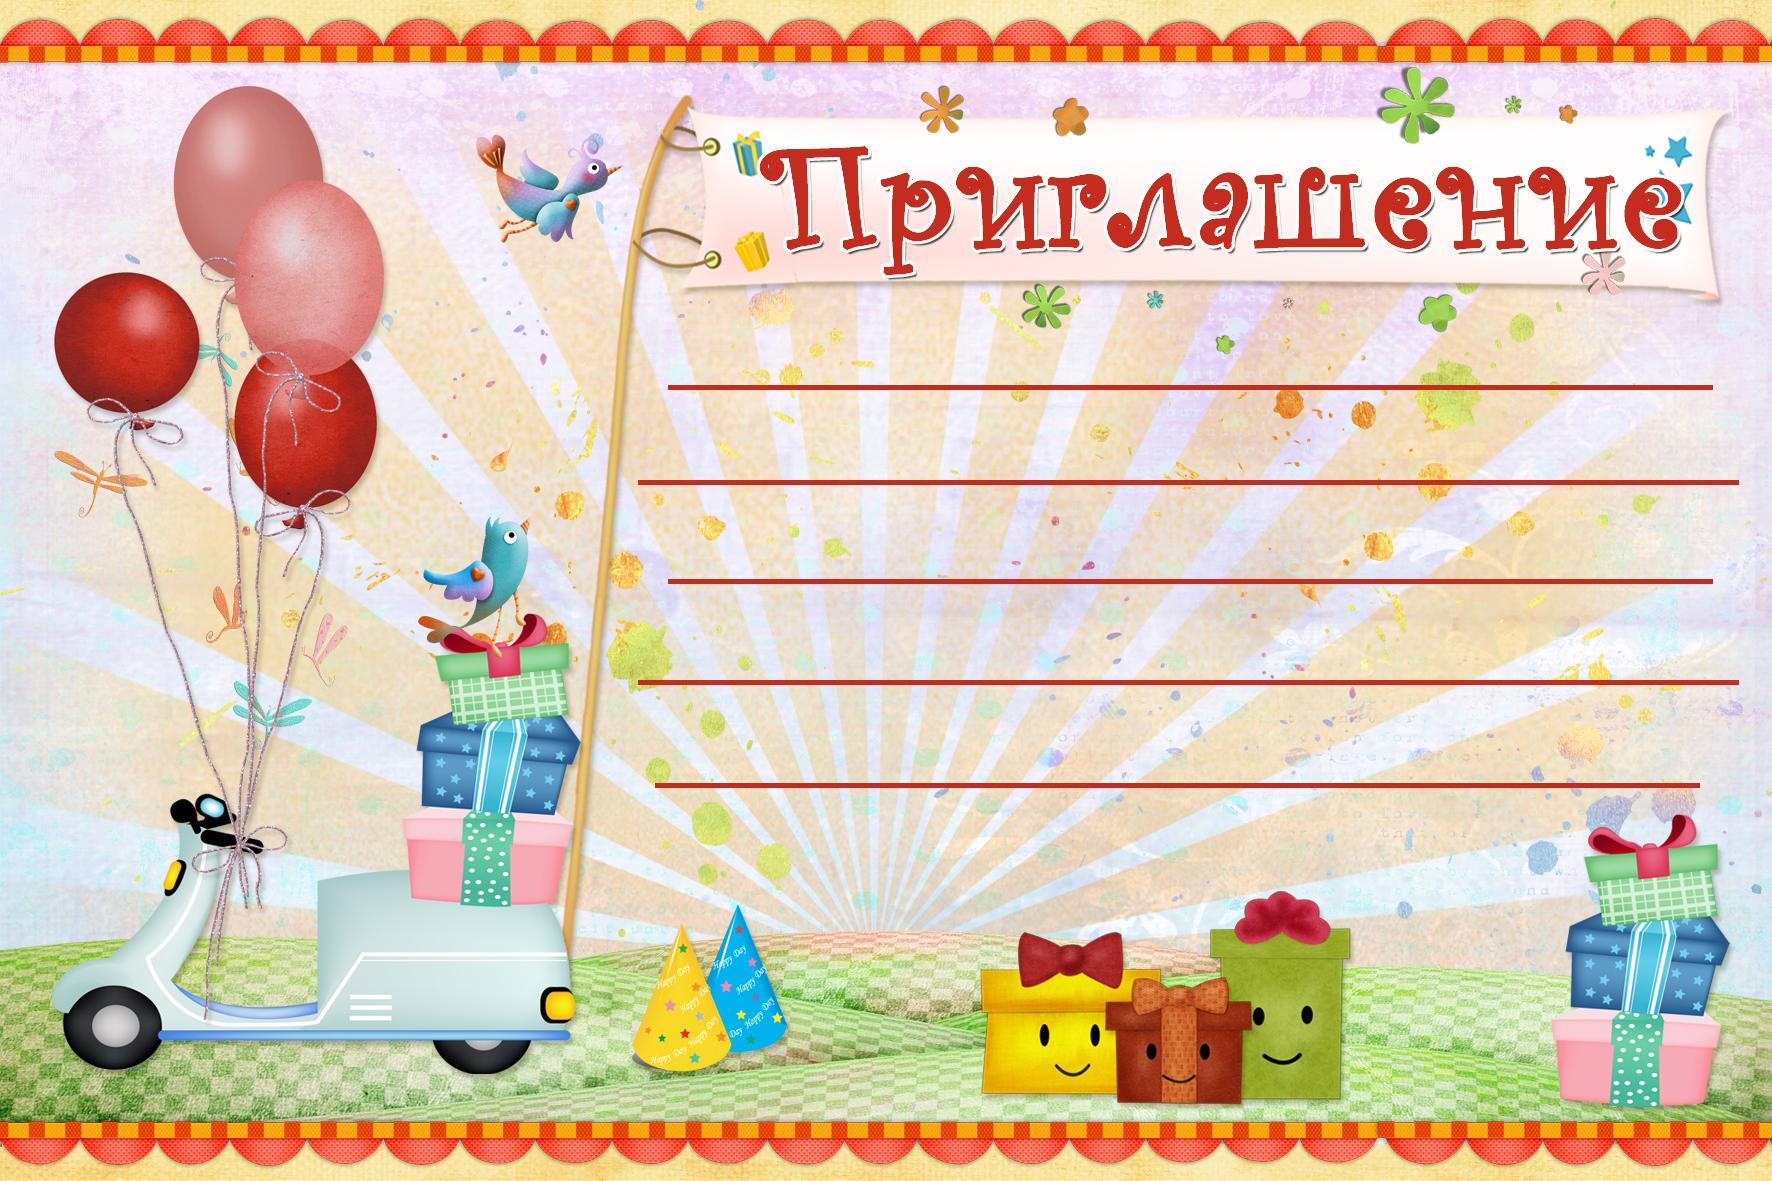 Простые пригласительные на день рождения ребенка своими руками